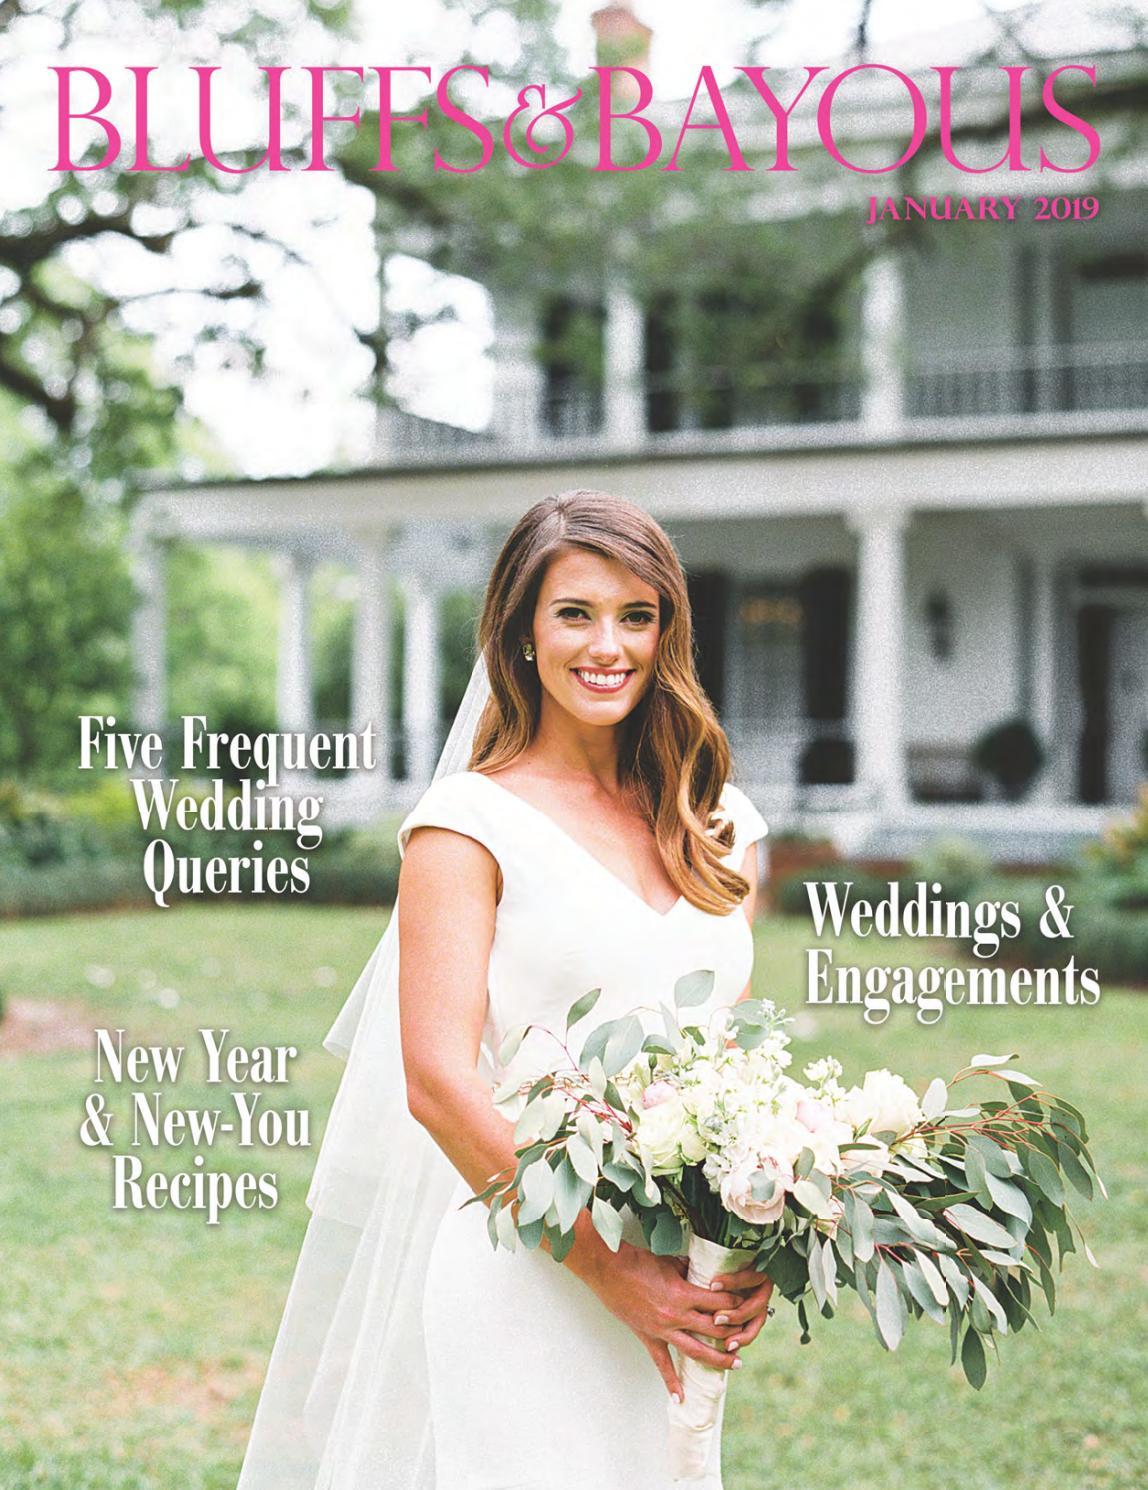 Bluffs Bayous January 2019 By Bluffs Bayous Magazine Issuu